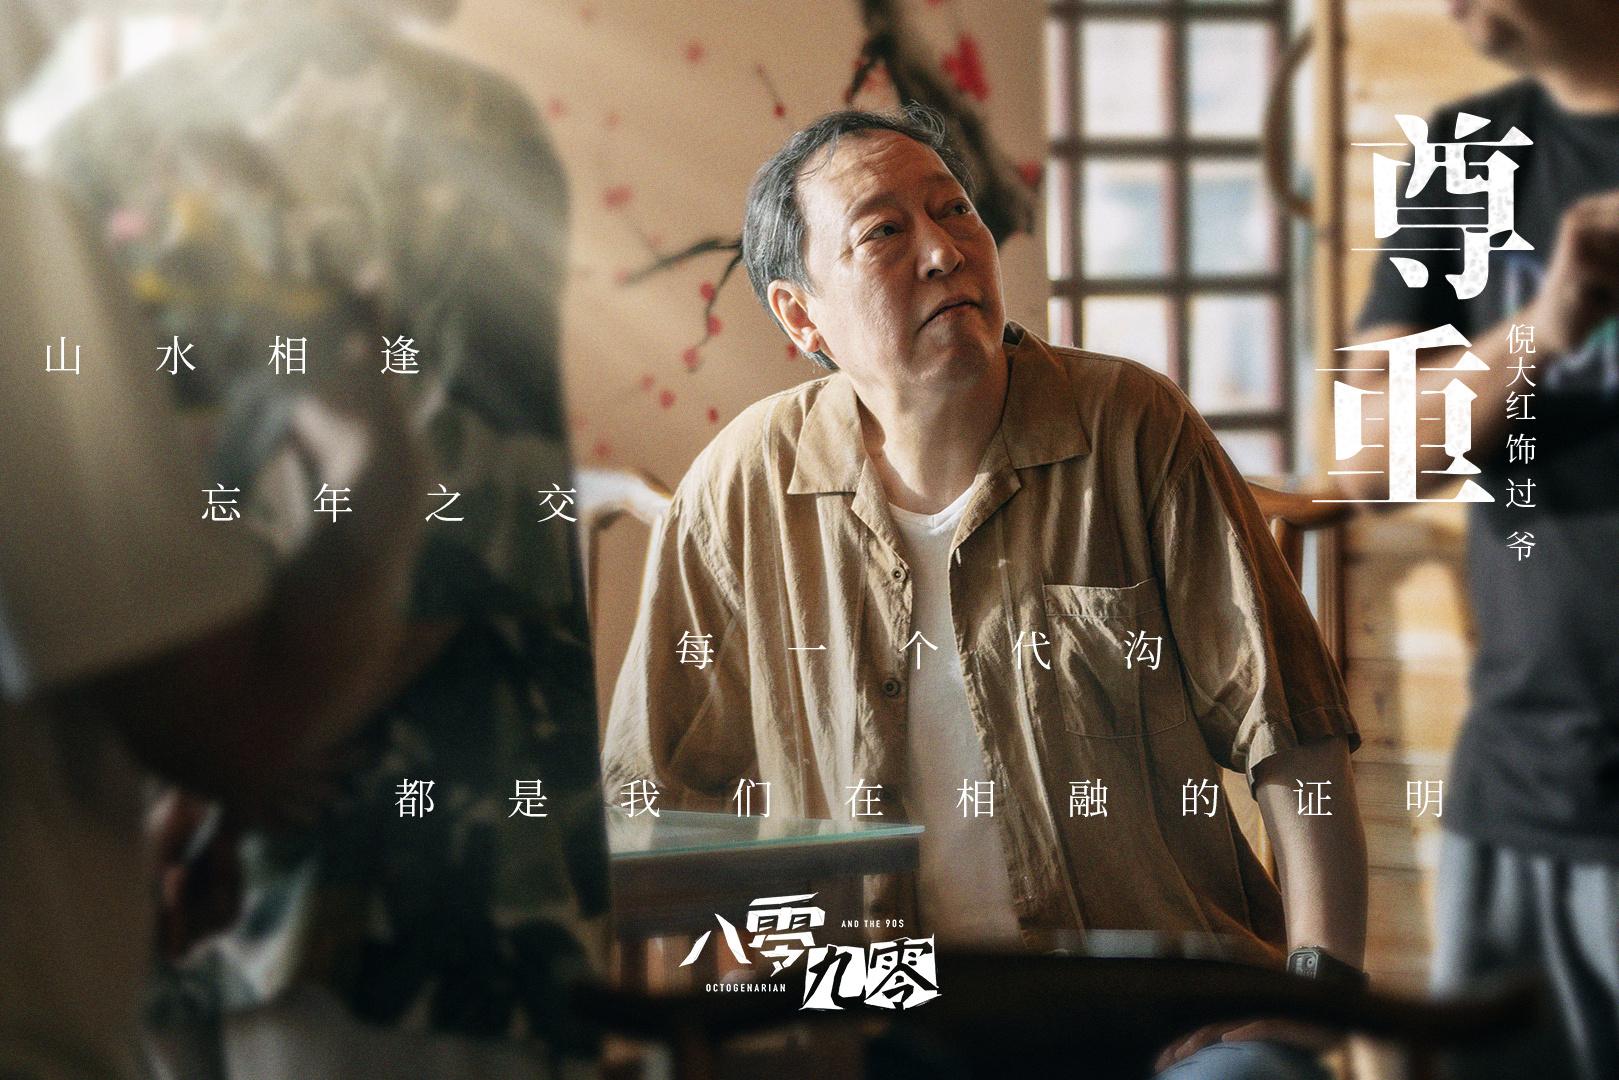 白敬亭晒与倪大红高糊合影 网友:哪个是你? 第3张